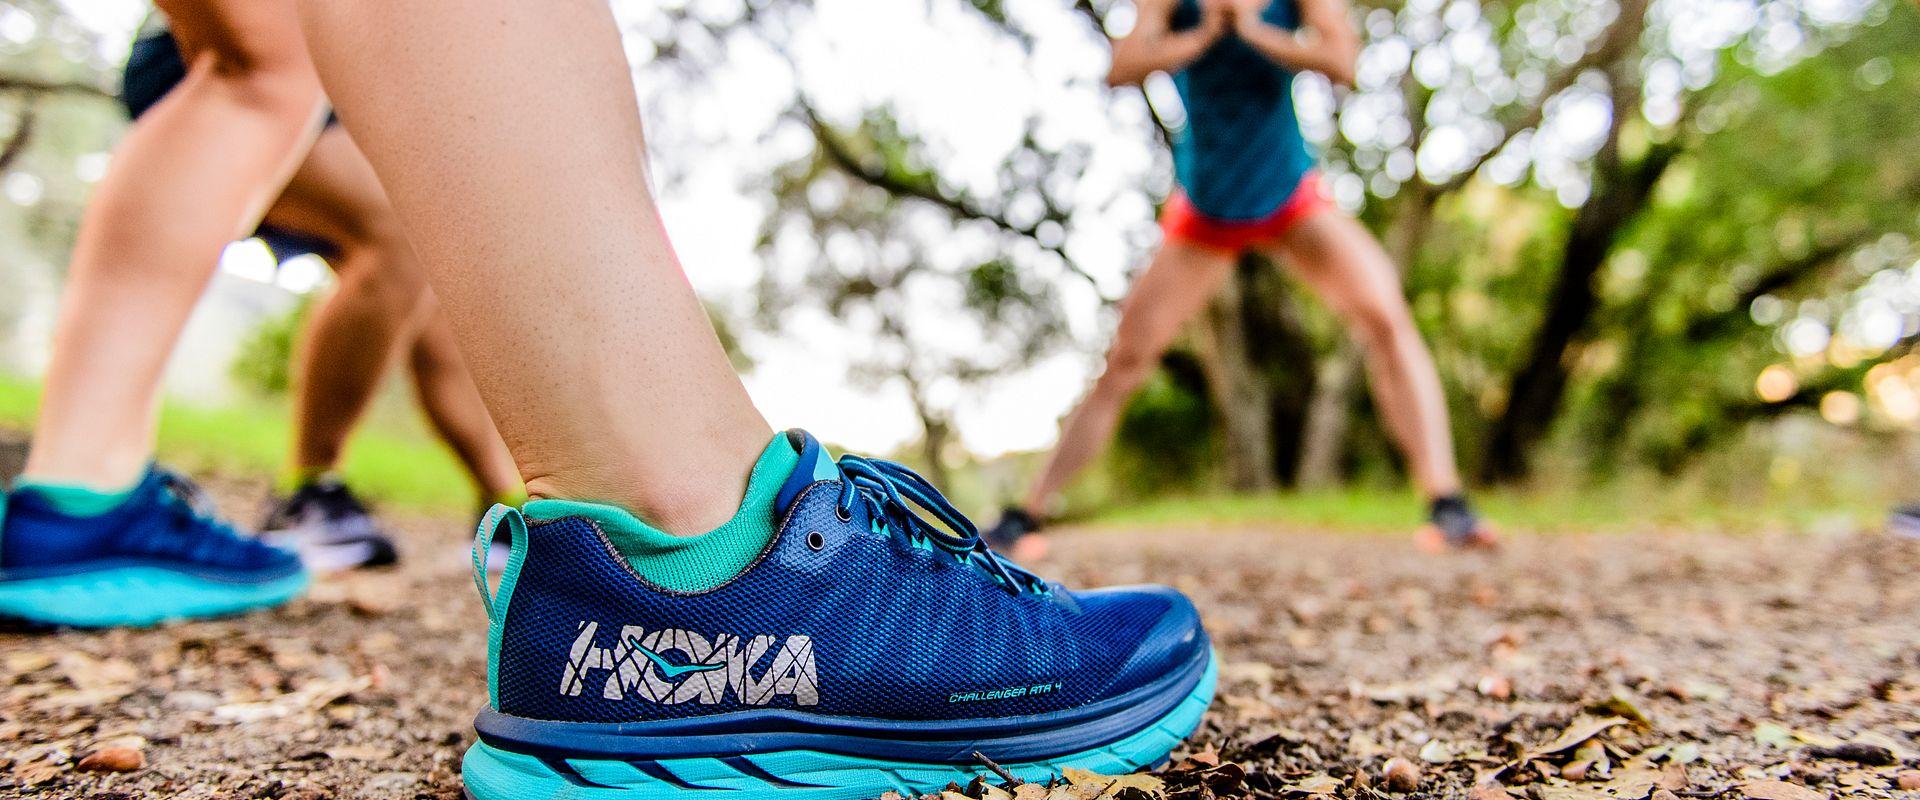 How to Choose Running Shoes | Fleet Feet